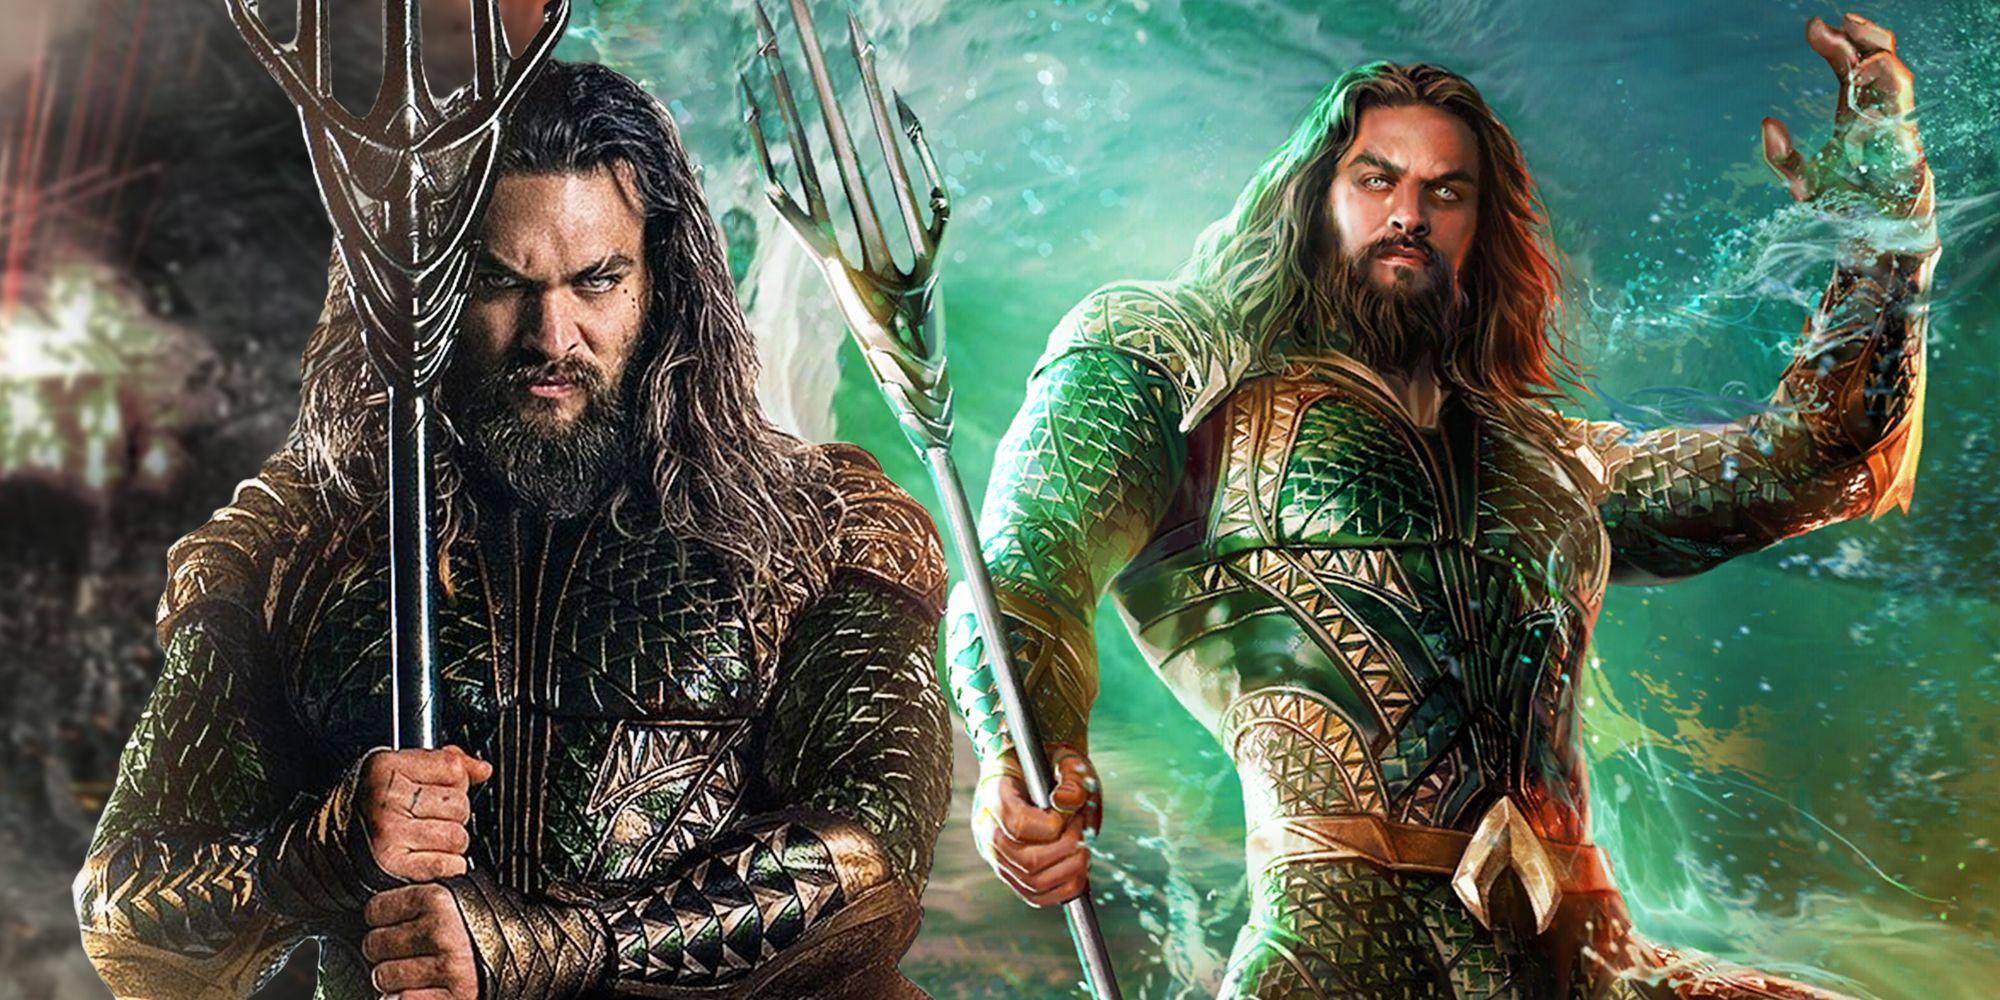 Aquaman; Liga da Justiça 2; Liga da Justiça de Zack Snyder; Snyder Cut